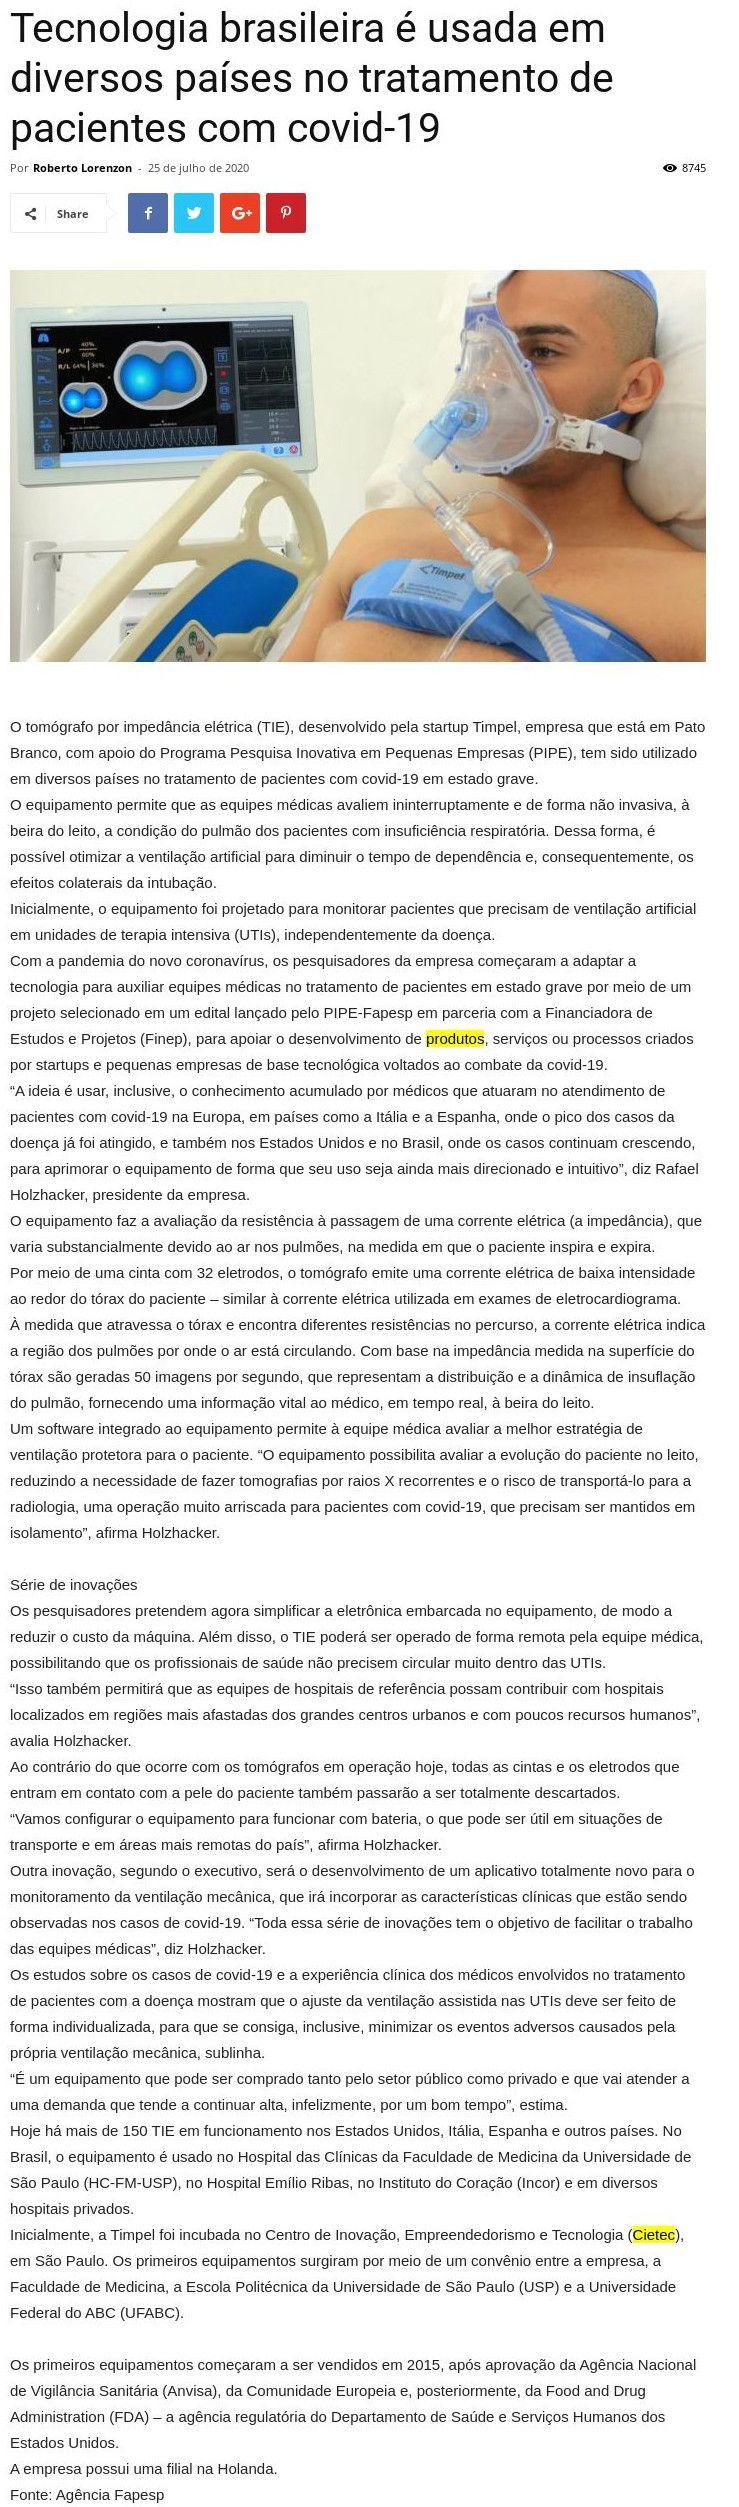 Tecnologia brasileira é usada em diversos países no tratamento de pacientes com covid-19 - Roberto Lorenzon